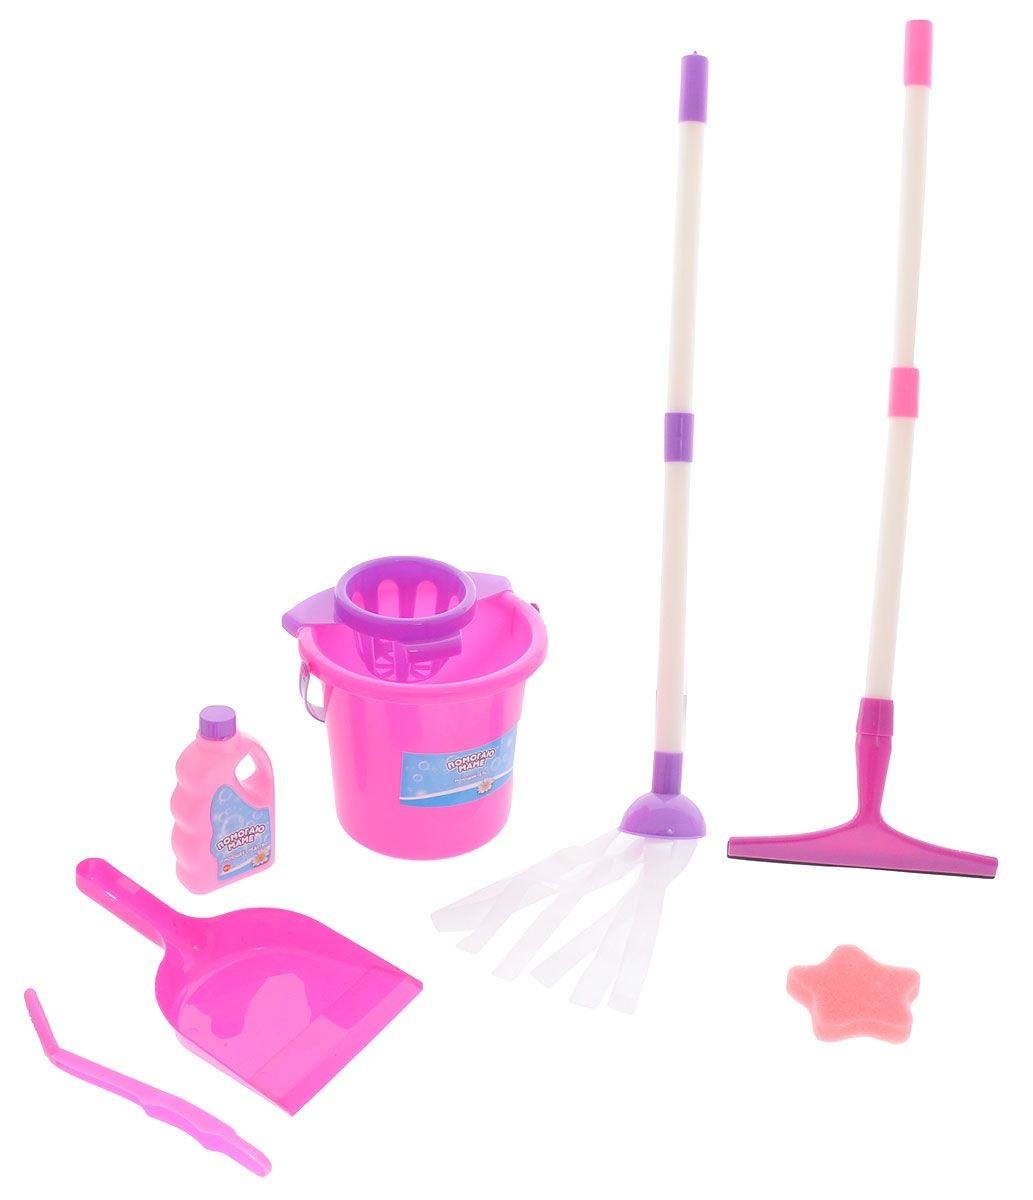 Игровой набор «Генеральная уборка», 7 предметовУборка дома, стирка, глажка<br>Игровой набор «Генеральная уборка», 7 предметов<br>